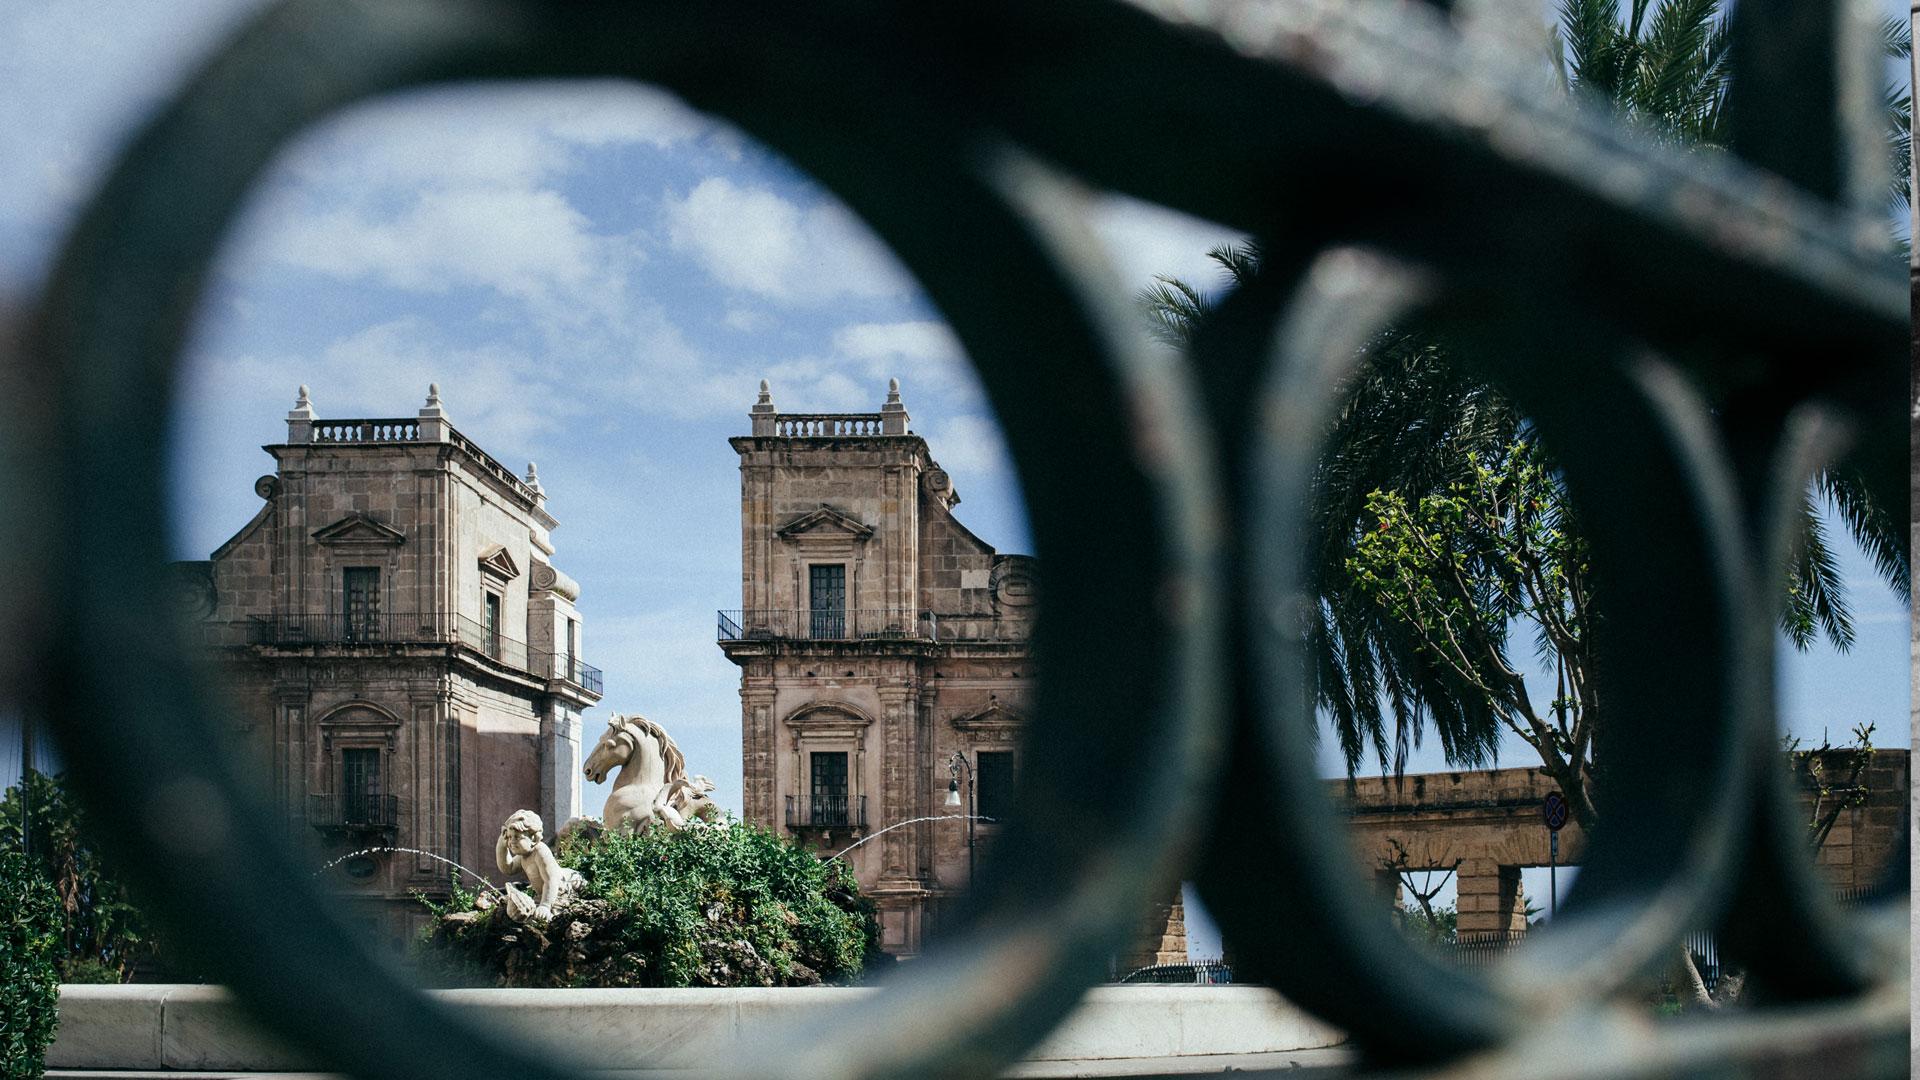 Palermo entdecken hotel porta felice palermo - Hotel porta felice ...